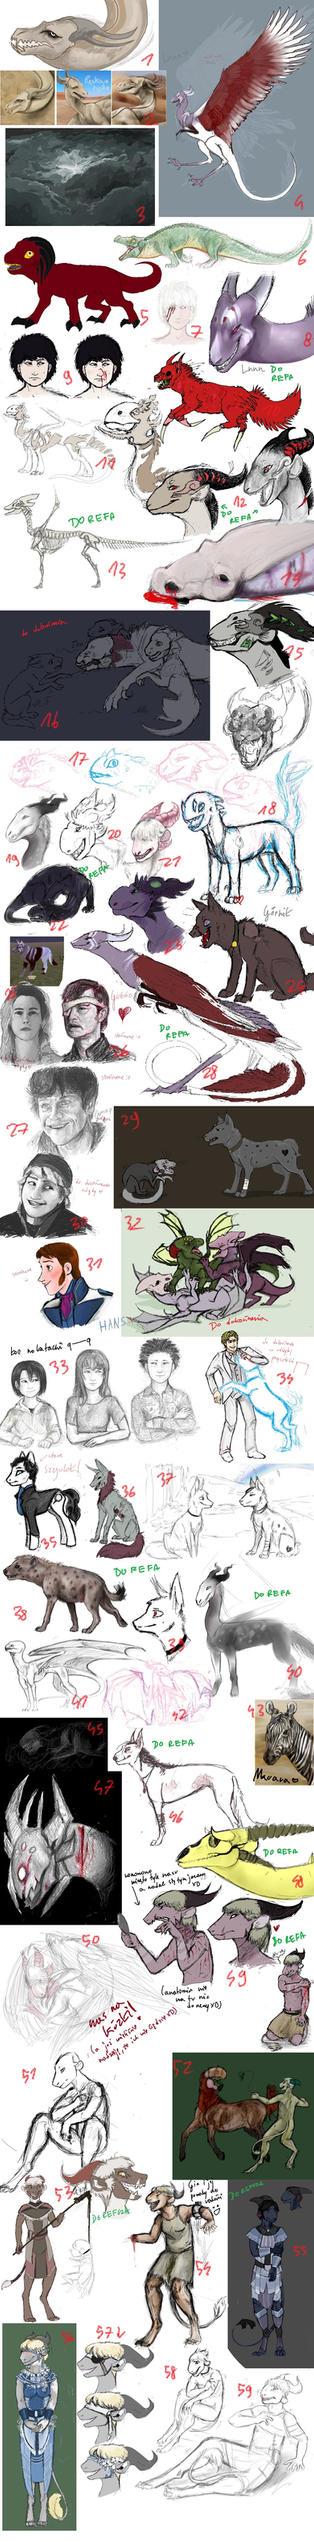 Sketch dump 14 by Hienkaaaaaaa